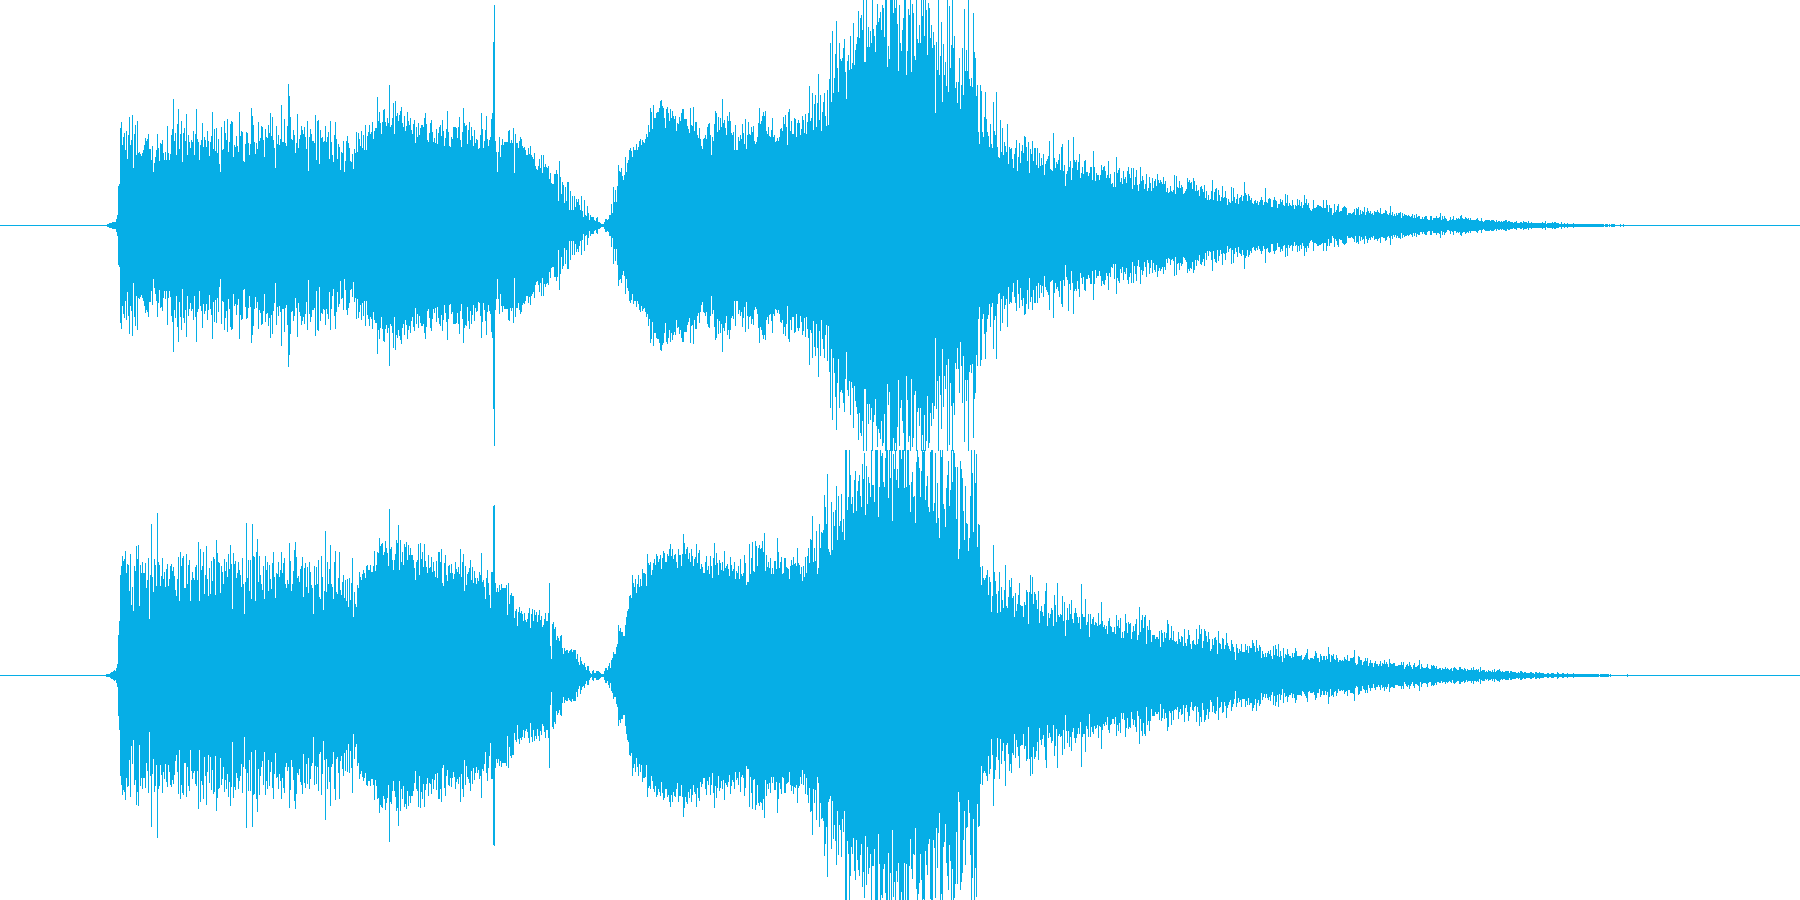 FMジングル風 サウンドの再生済みの波形